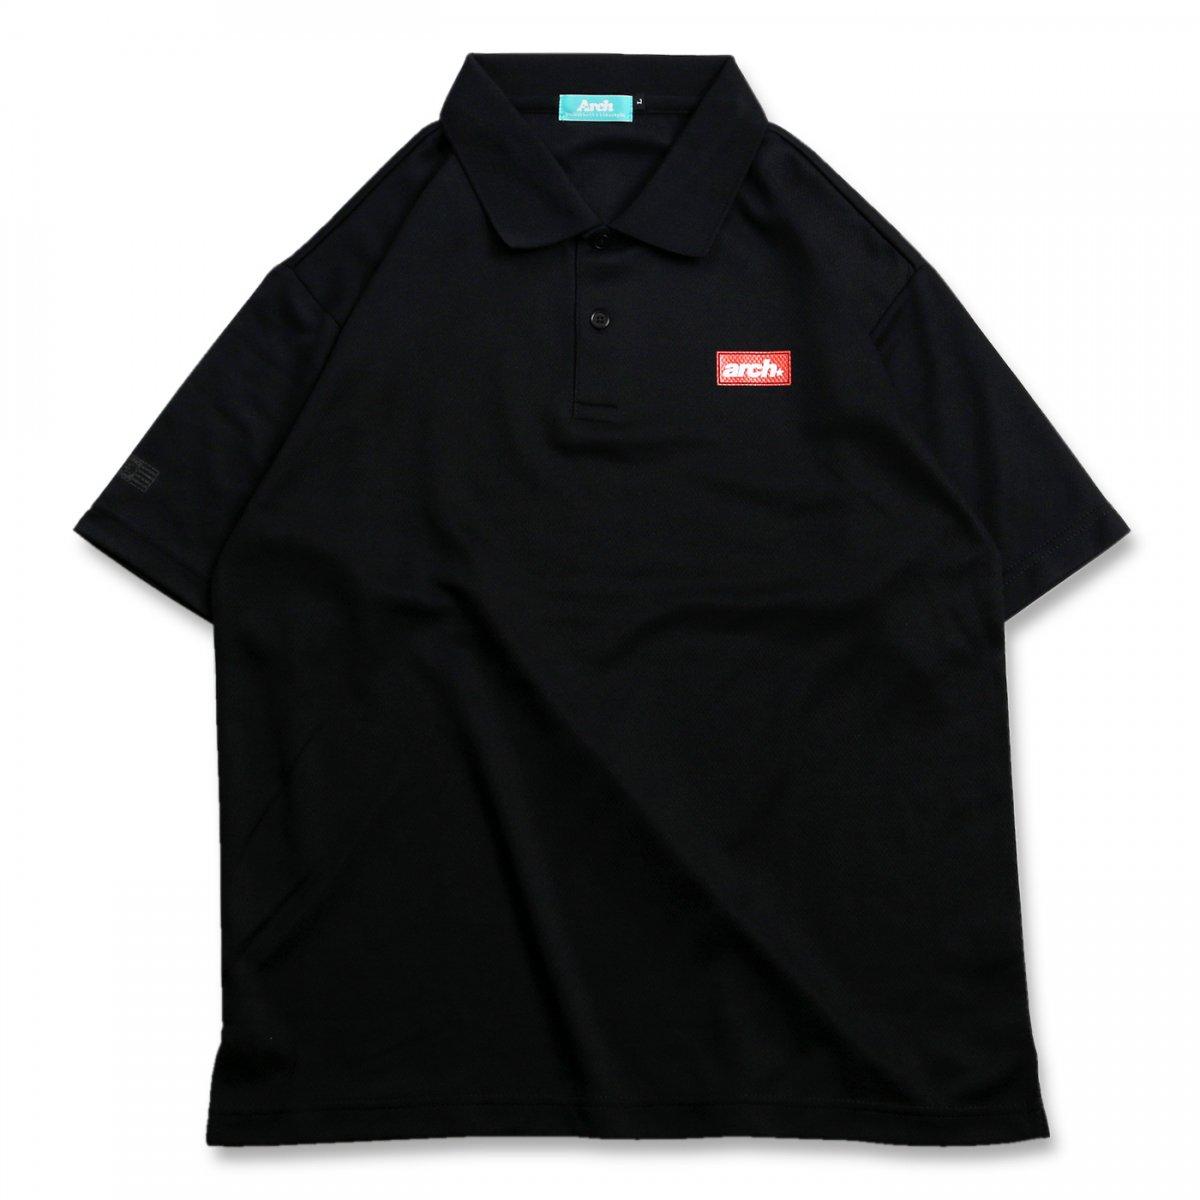 バスケ スクエアロゴ ポロシャツ ブラック